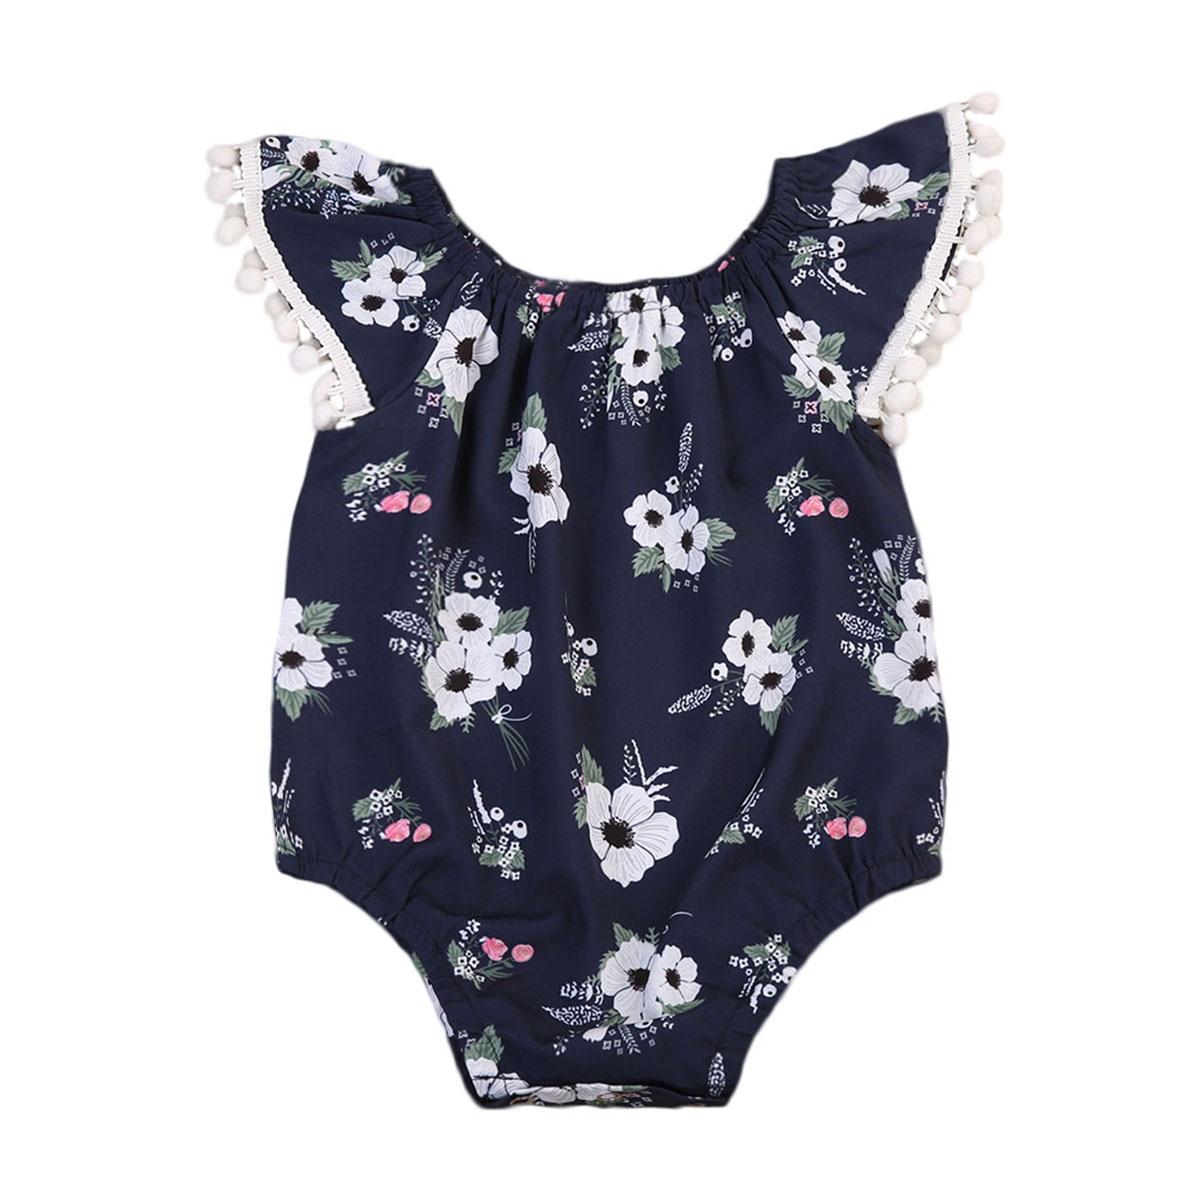 Infant gilrs Lace Sleeve clothing Newborn Floral Romper Jumpsuit Navy Blue Playsuit Sunsuit 0-18M